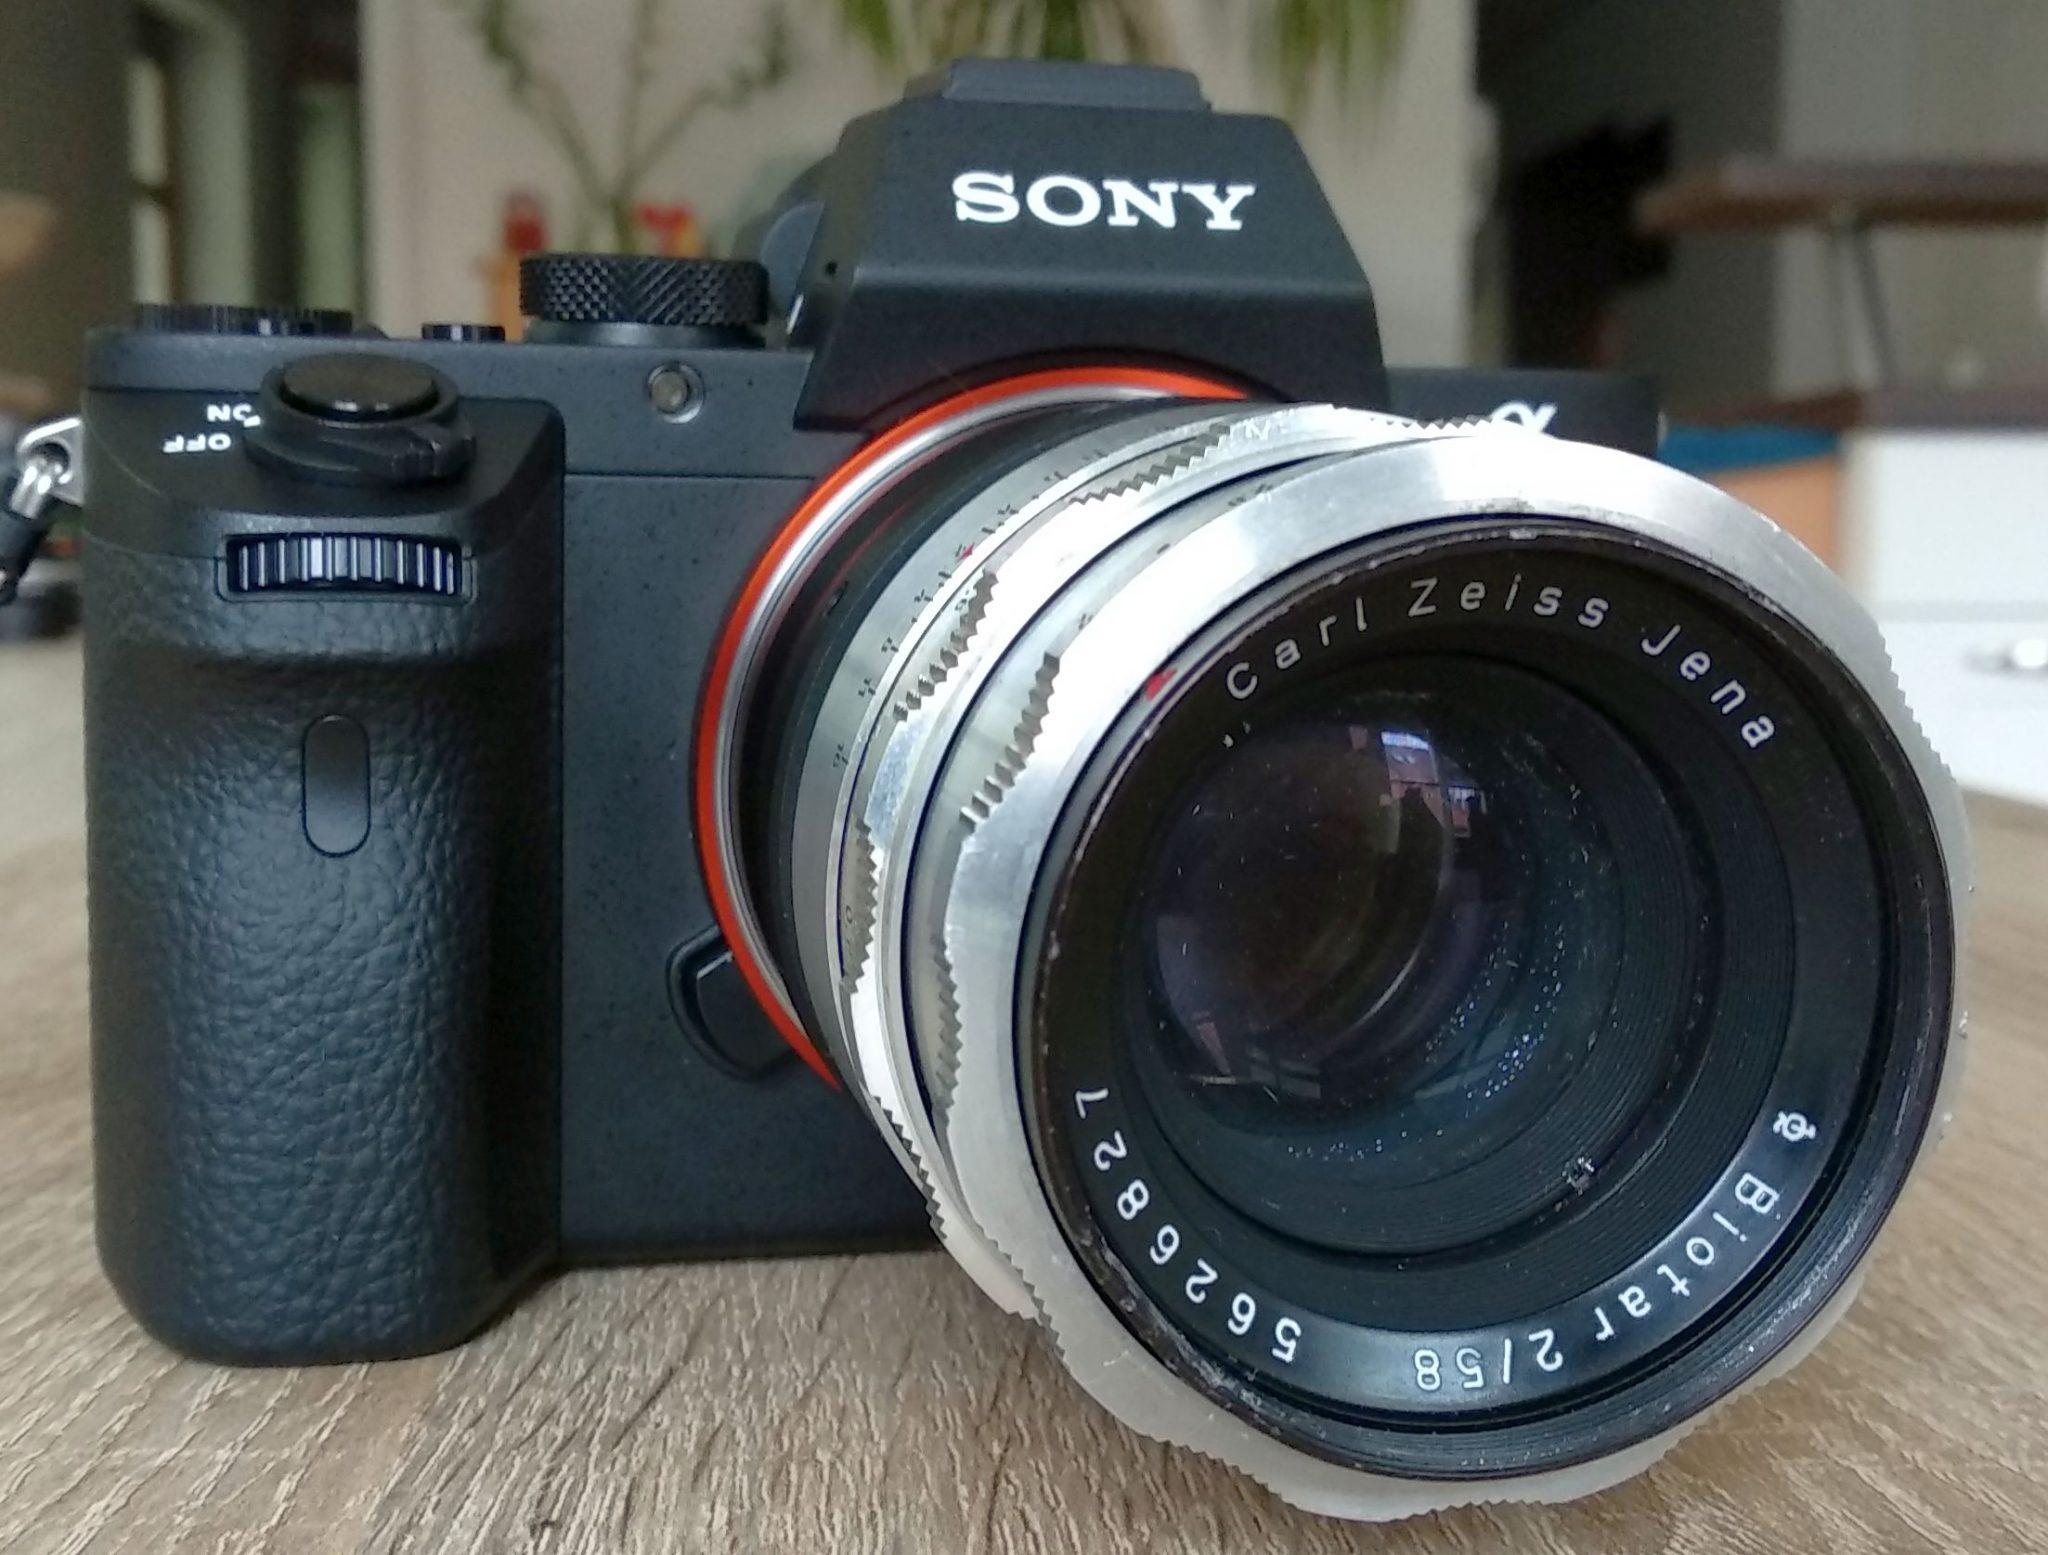 Objektivtest: Carl Zeiss Jena Biotar 58mm 2.0 (M42) an Sony A7II